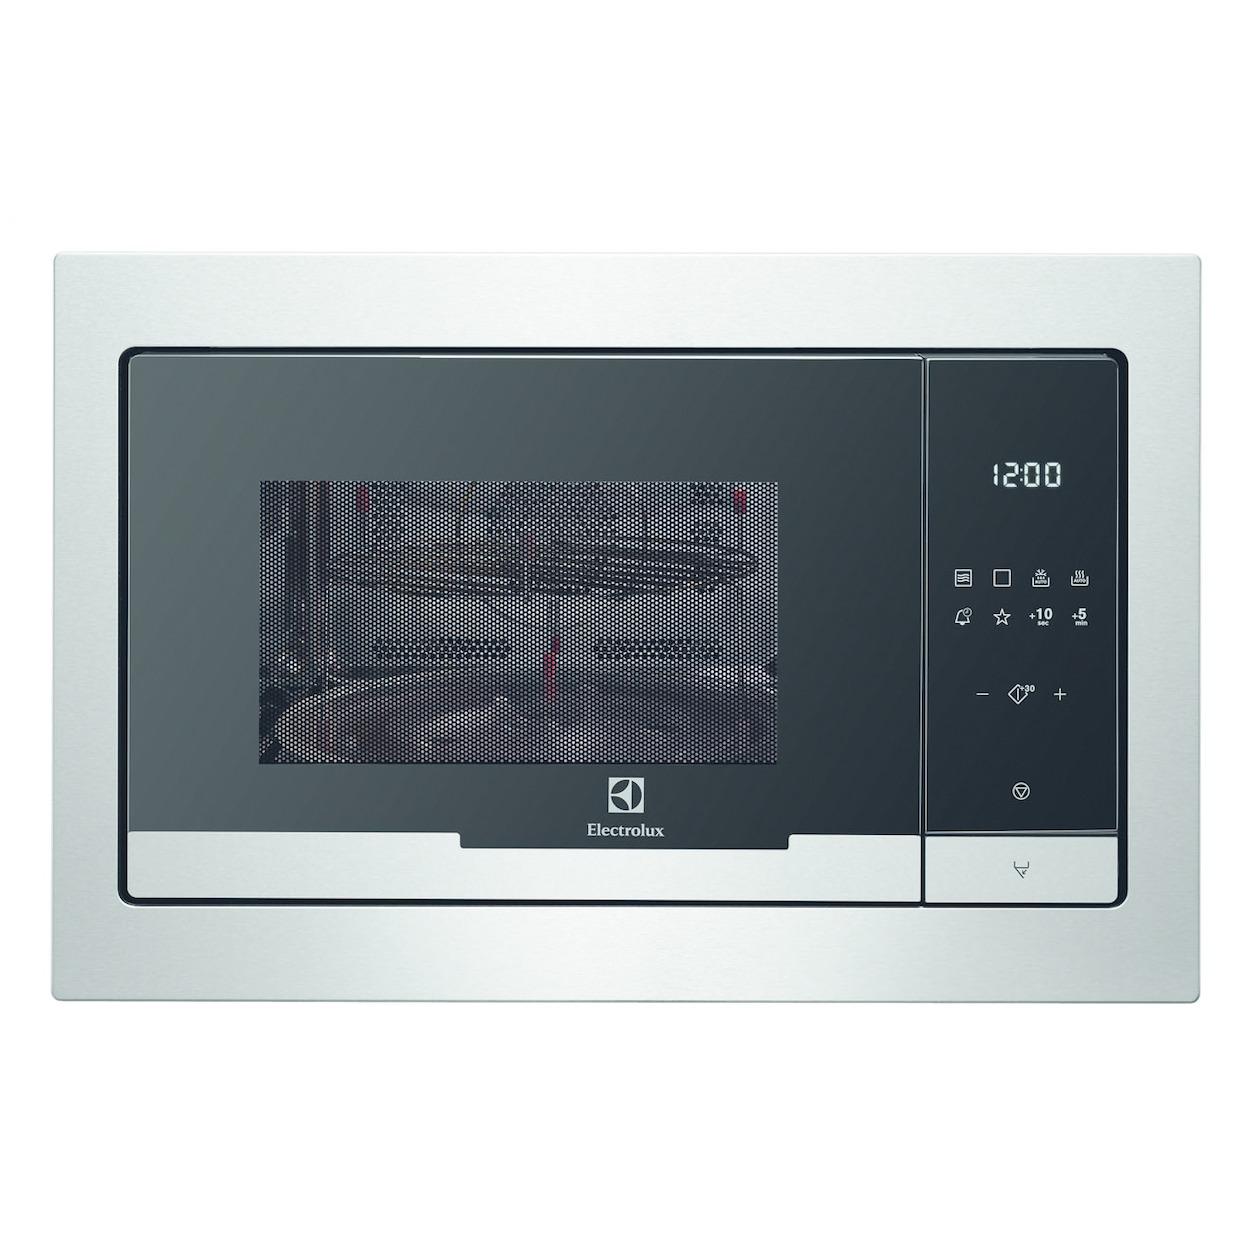 Electrolux inbouw oven EMT25507OX